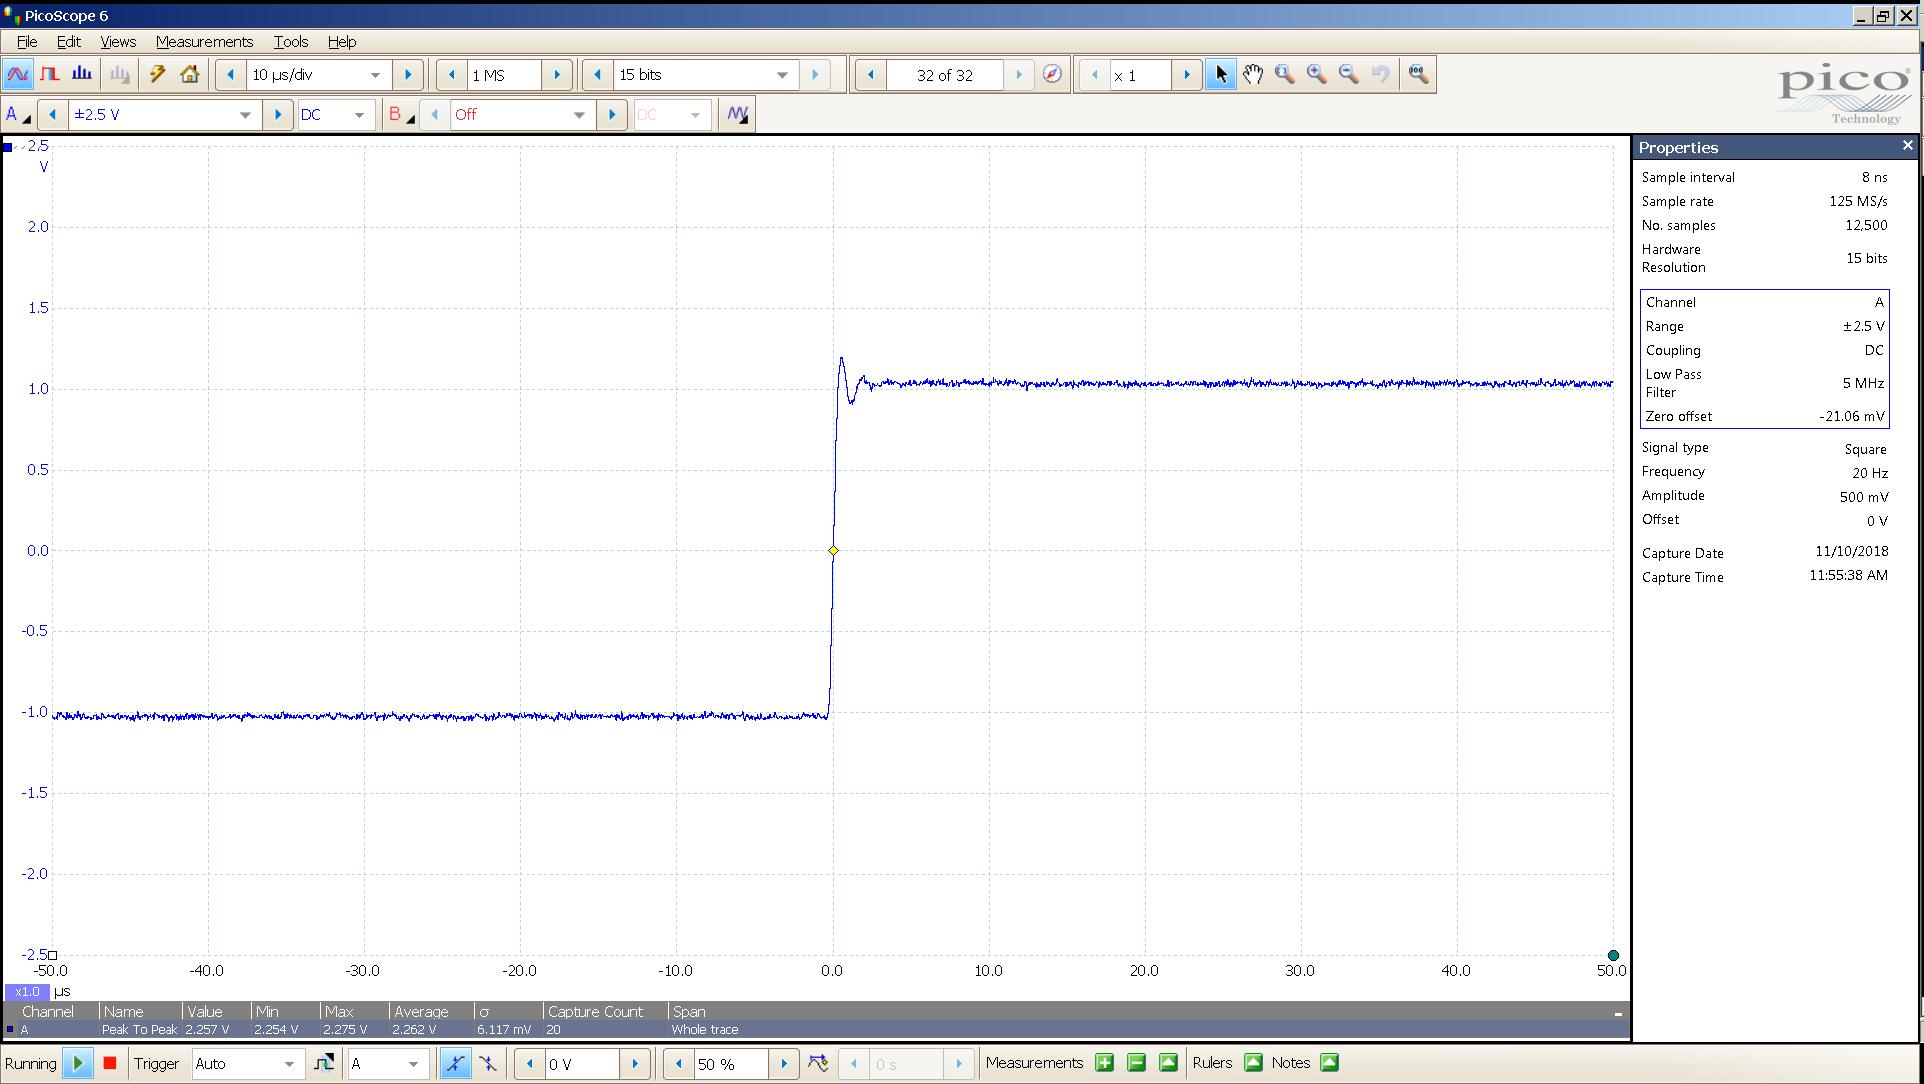 20181110 SigGen LiqPlat 20 Hz square 2000mVpp 10uS div 5MHz filter 300R.png